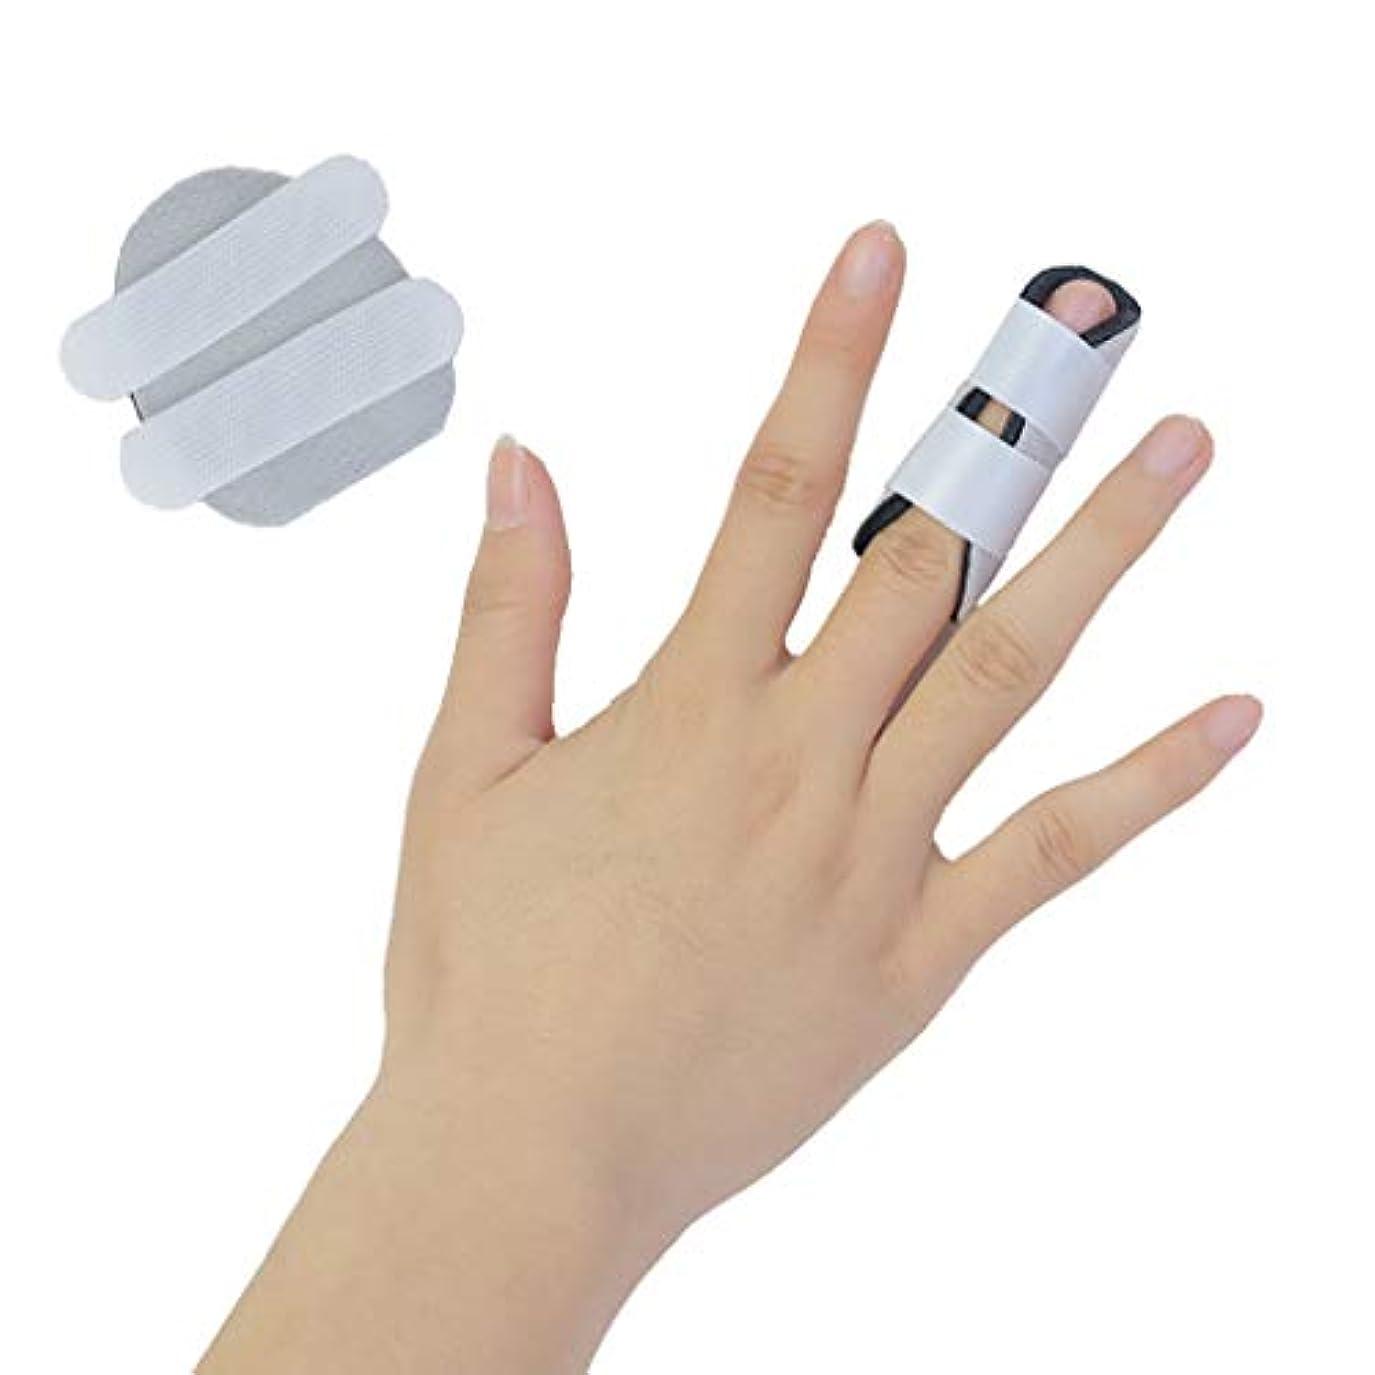 払い戻しデッドロック謎指プロテクターサポート指手袋親指手首のけがの回復副木指セパレーター手の矯正器手根管関節痛の軽減矯正